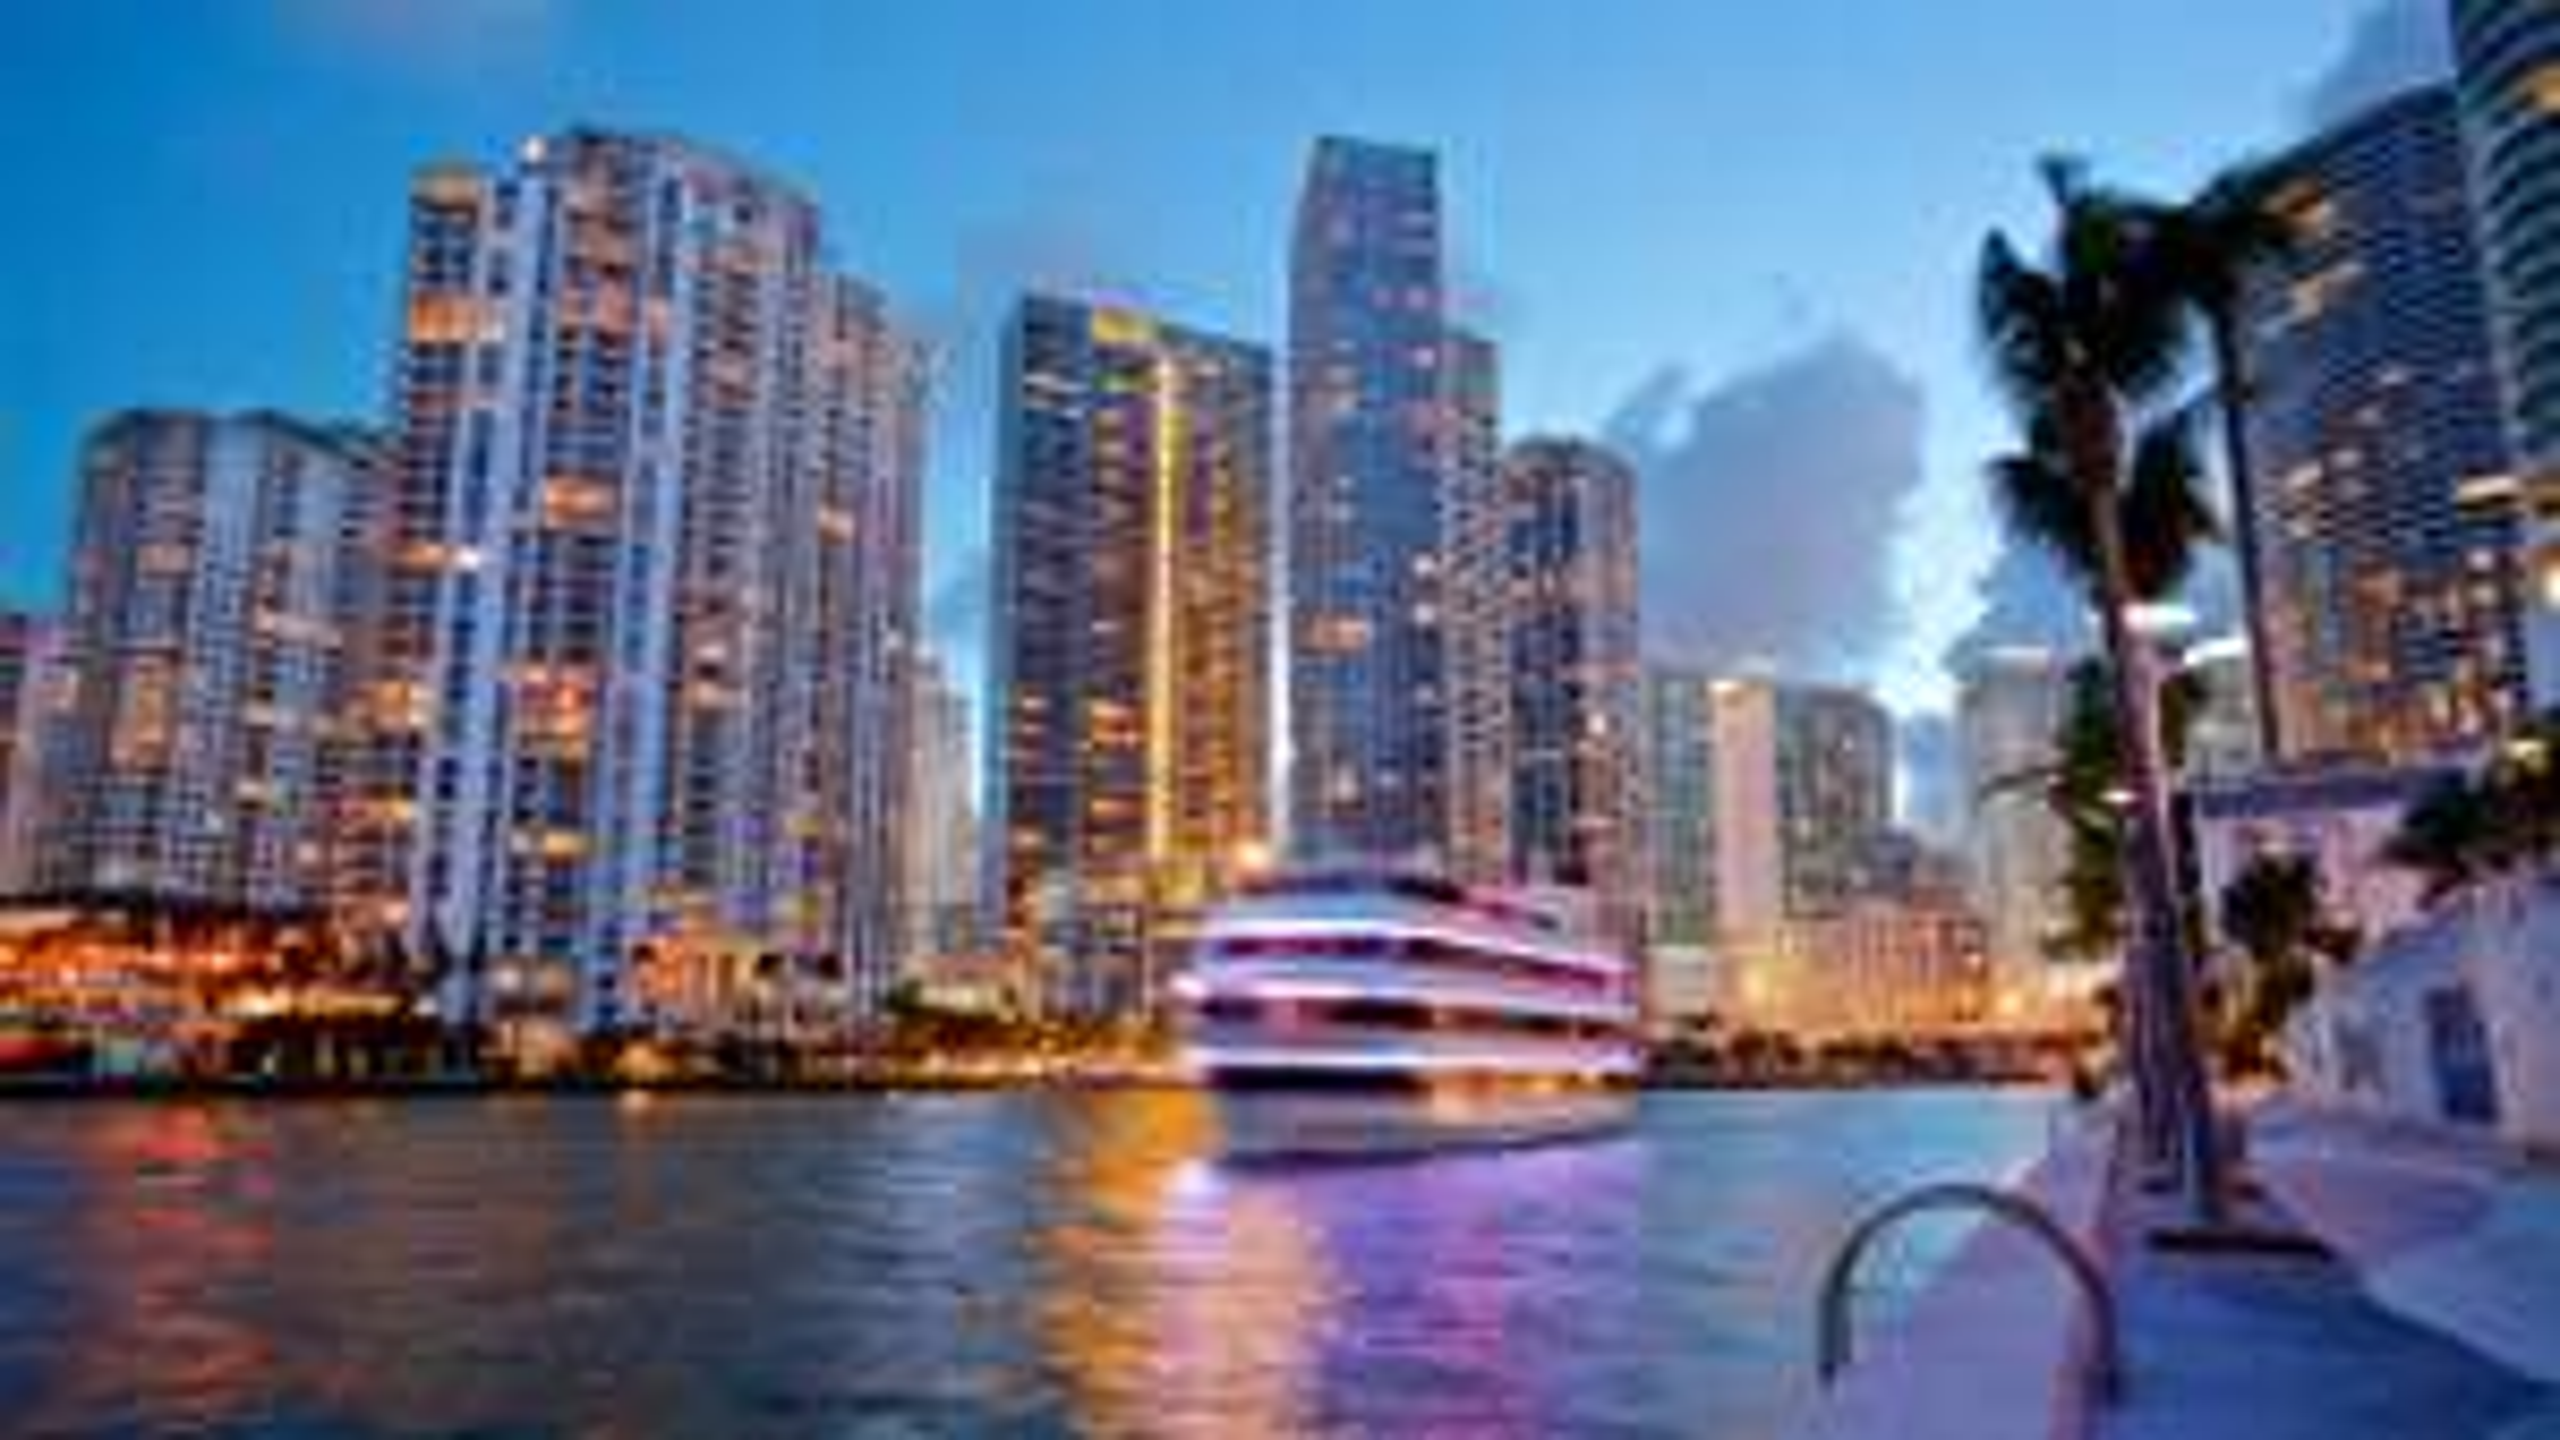 Flüge: Miami ( Jan - Februar ) Hin- und Rückflug mit Lufthansa von Düsseldorf ab 368€